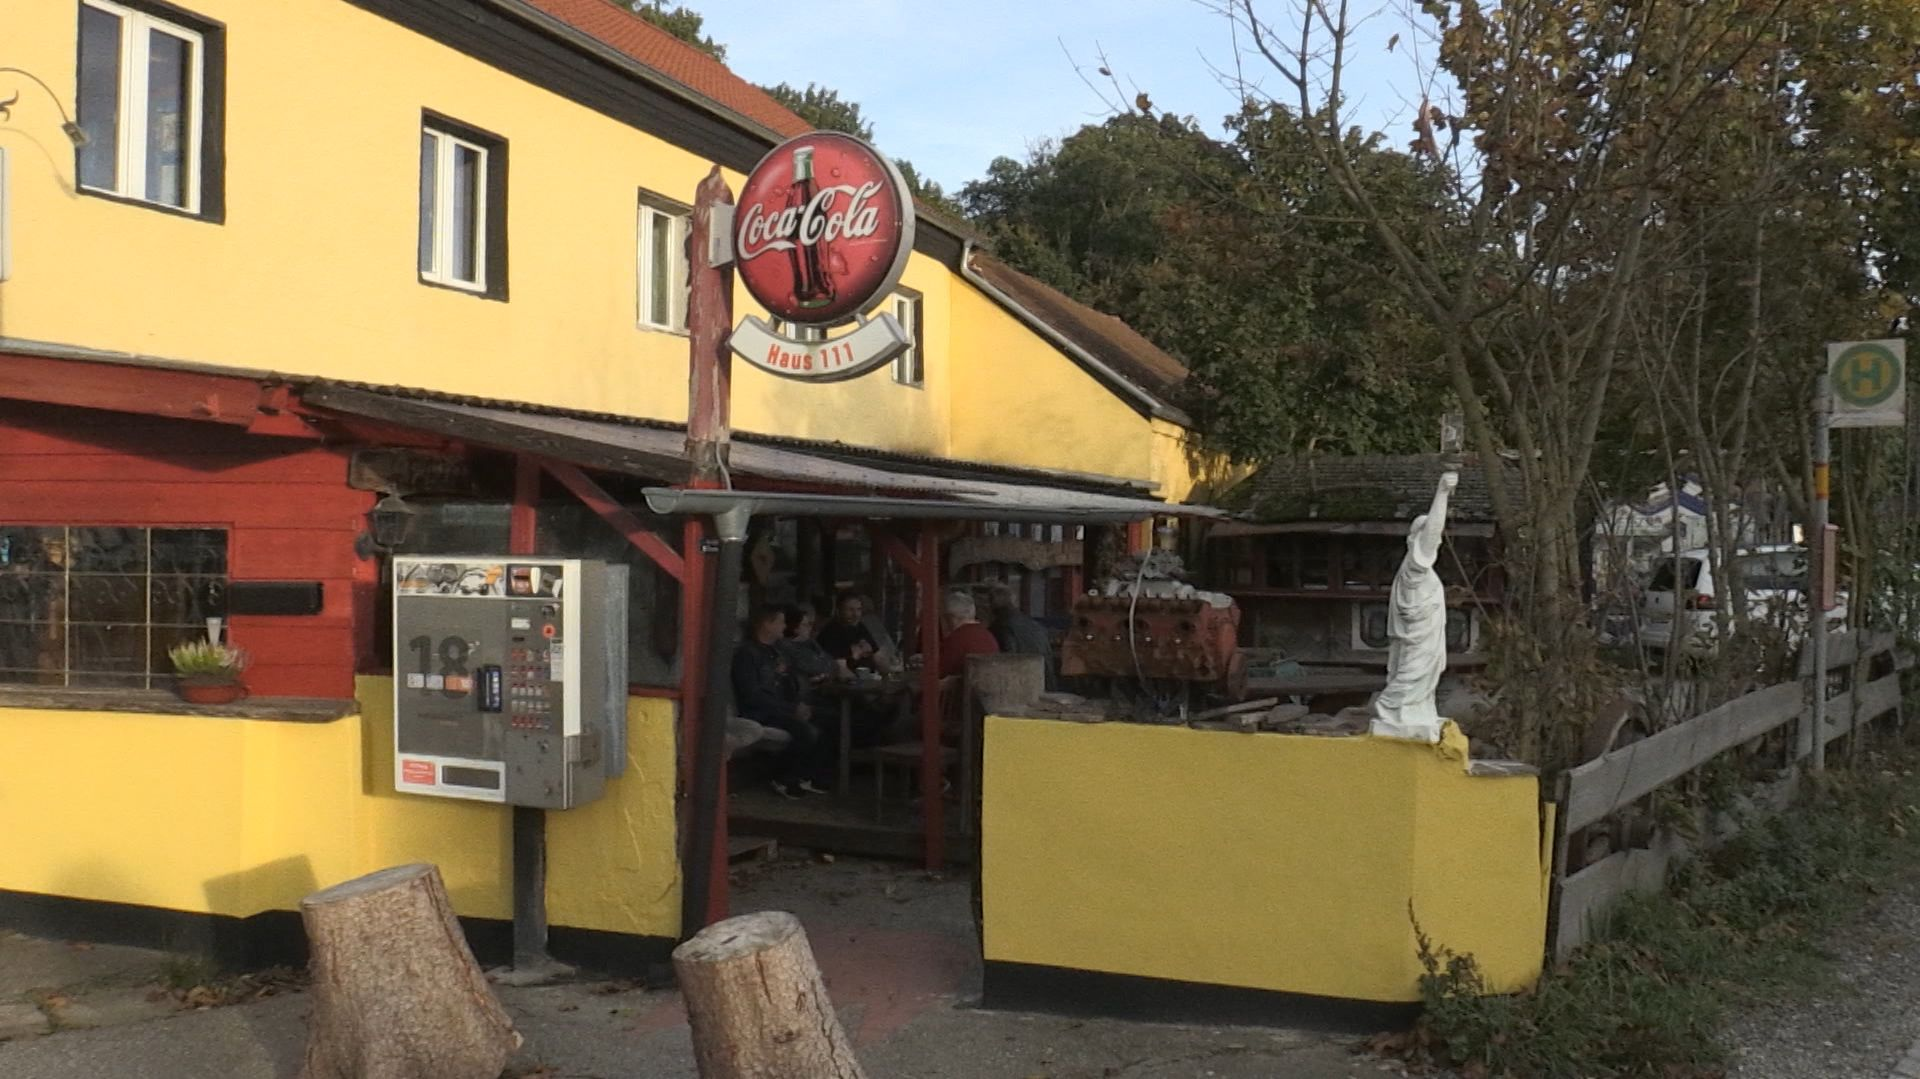 Das Haus 111 in Wildthurn